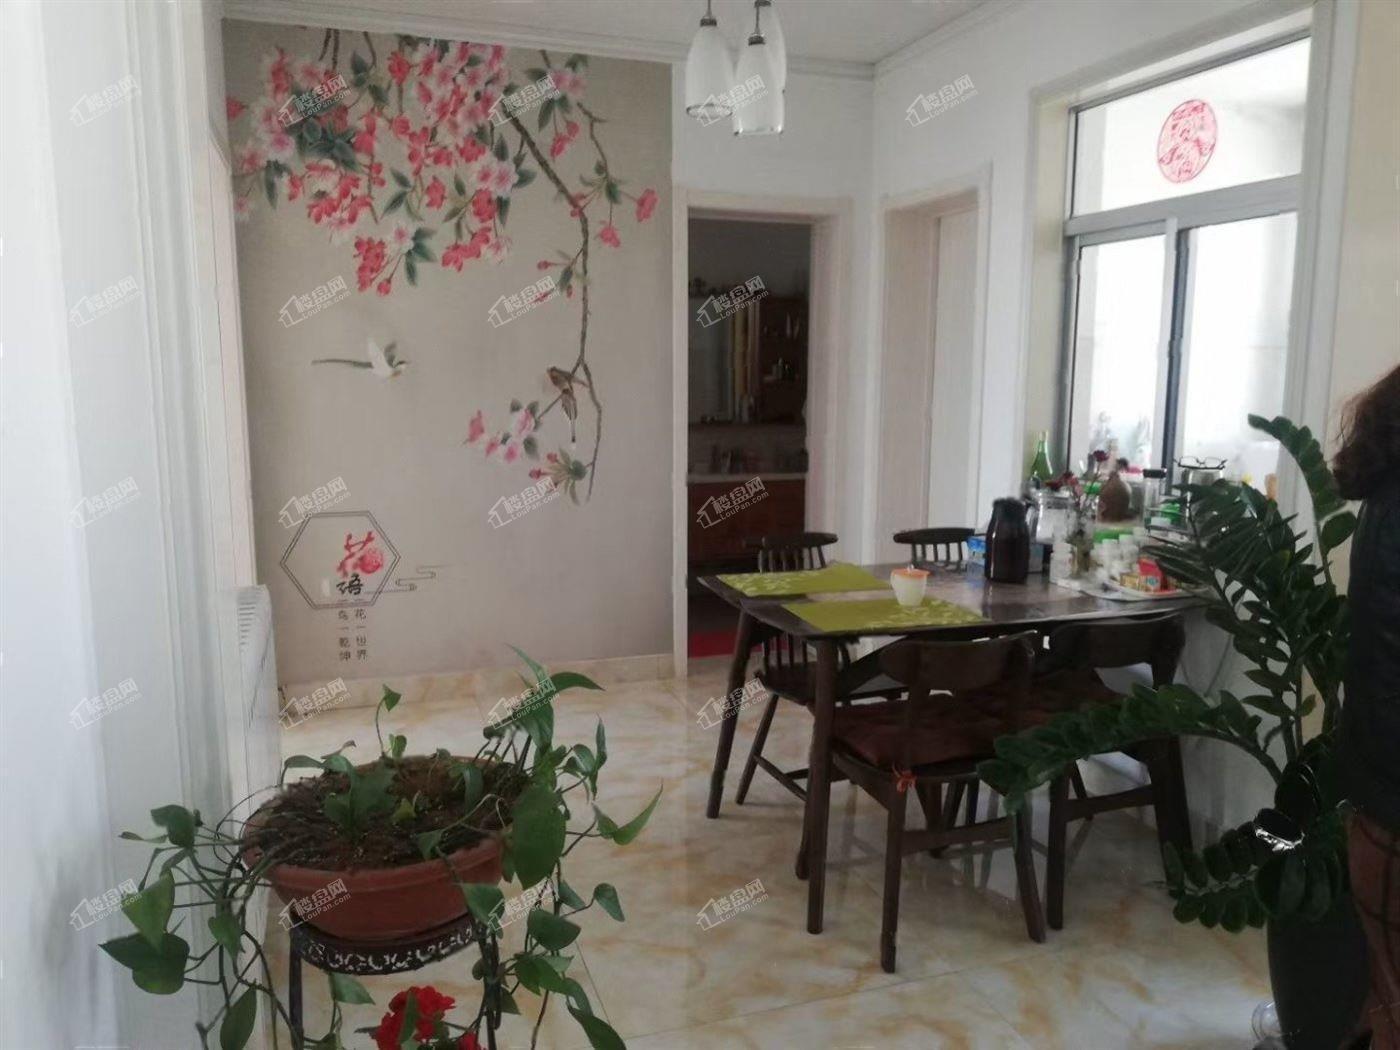 兆祥小区 精装修3室南北全明户型 性价比高带储藏室